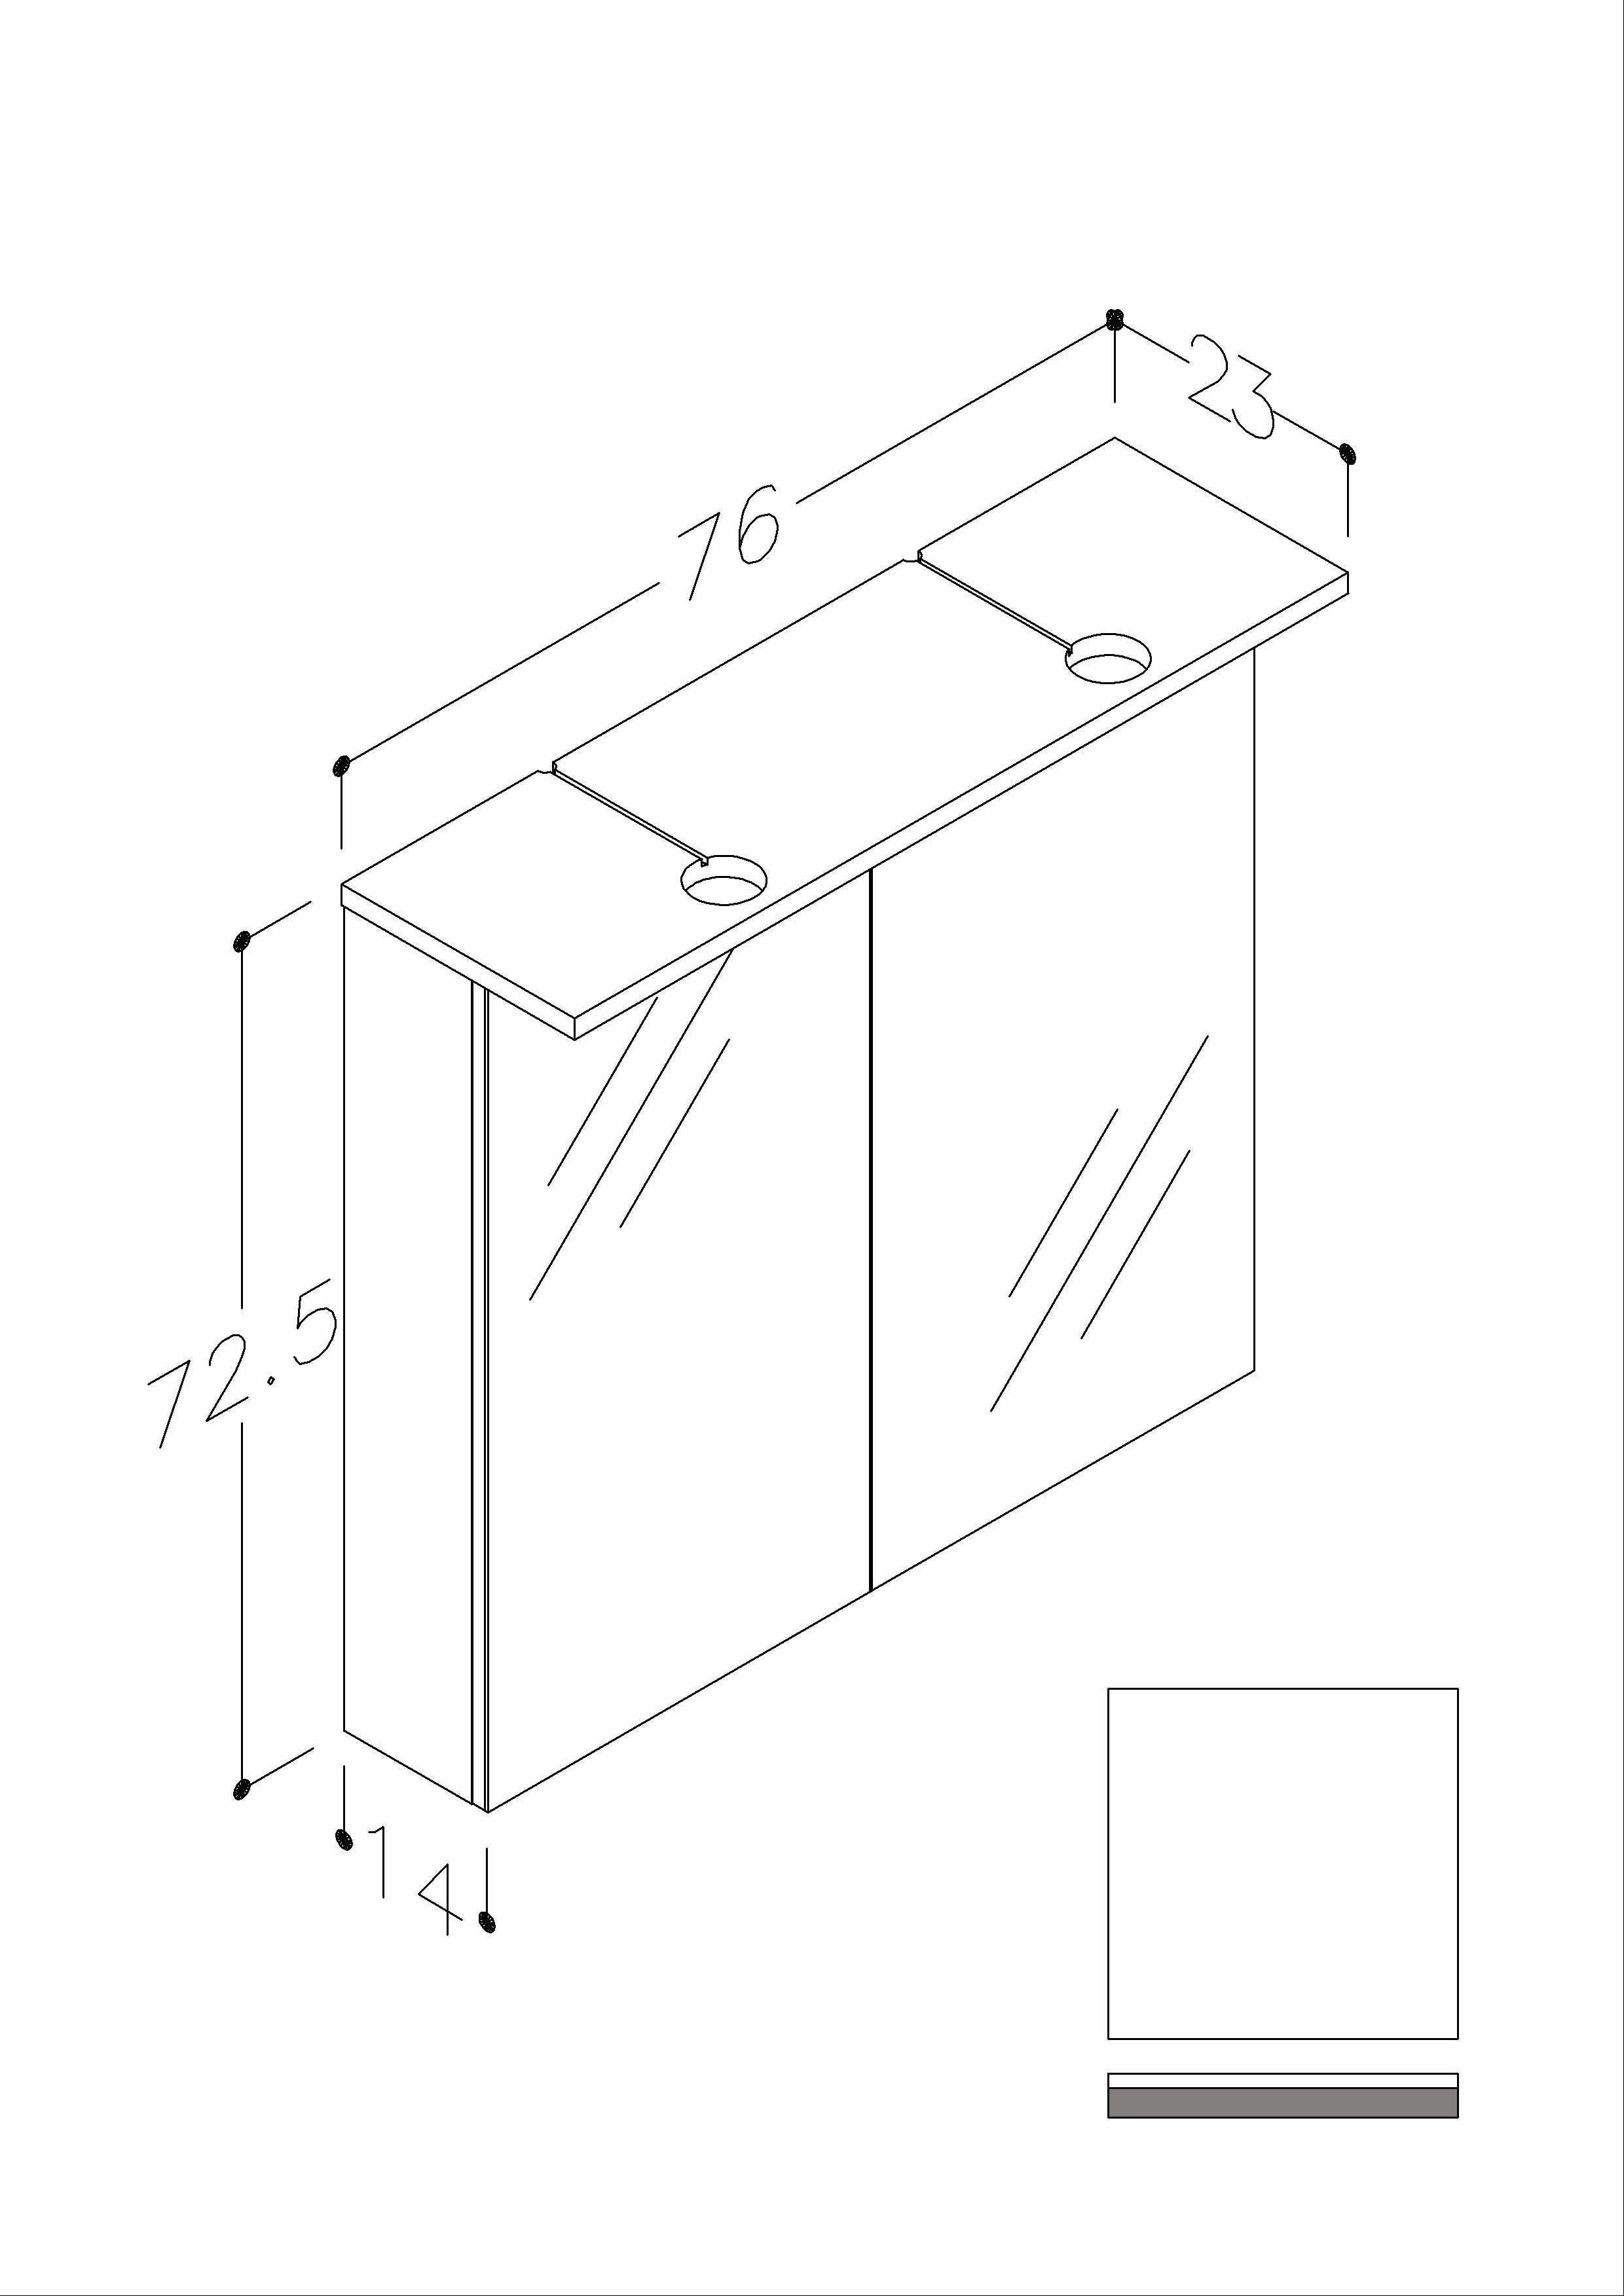 Bad LED Spiegelschrank Allegro 76 Weiß glänzend Bild 2